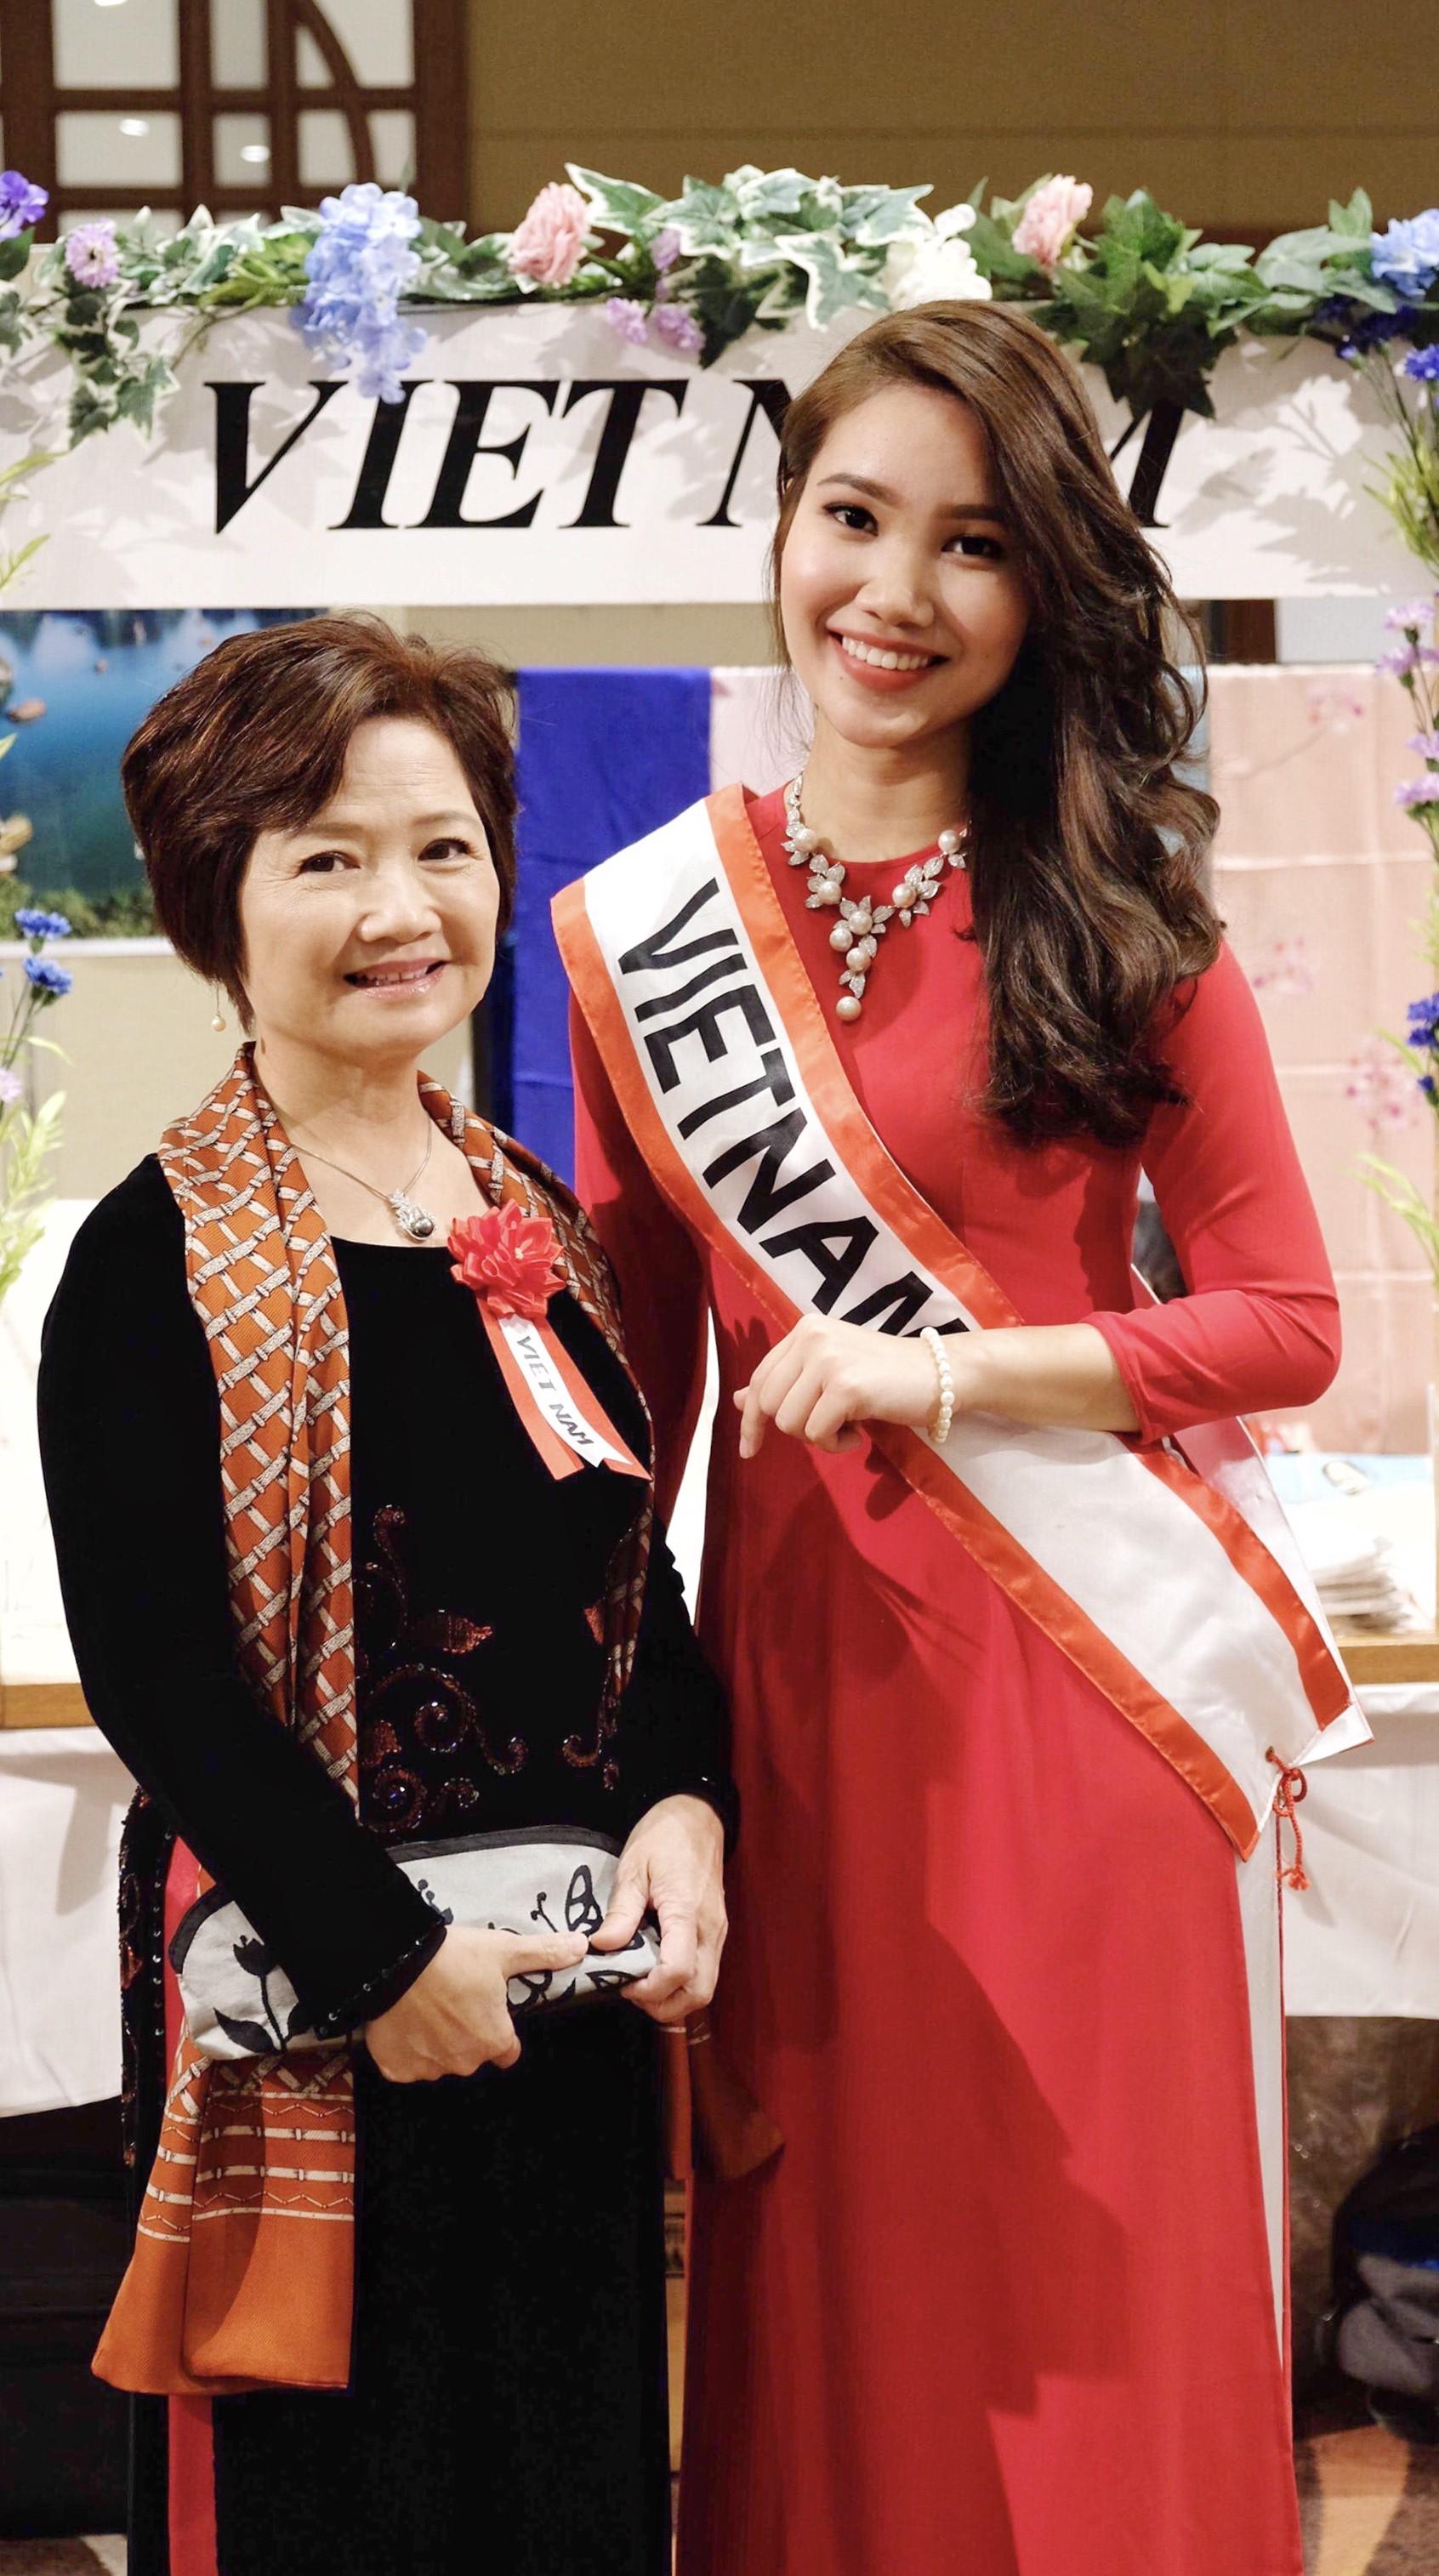 Rạng rỡ trong tà áo dài, nữ DHS Việt thu hút mọi ánh nhìn tại chương trình từ thiện châu Á - Thái Bình Dương - Ảnh 3.